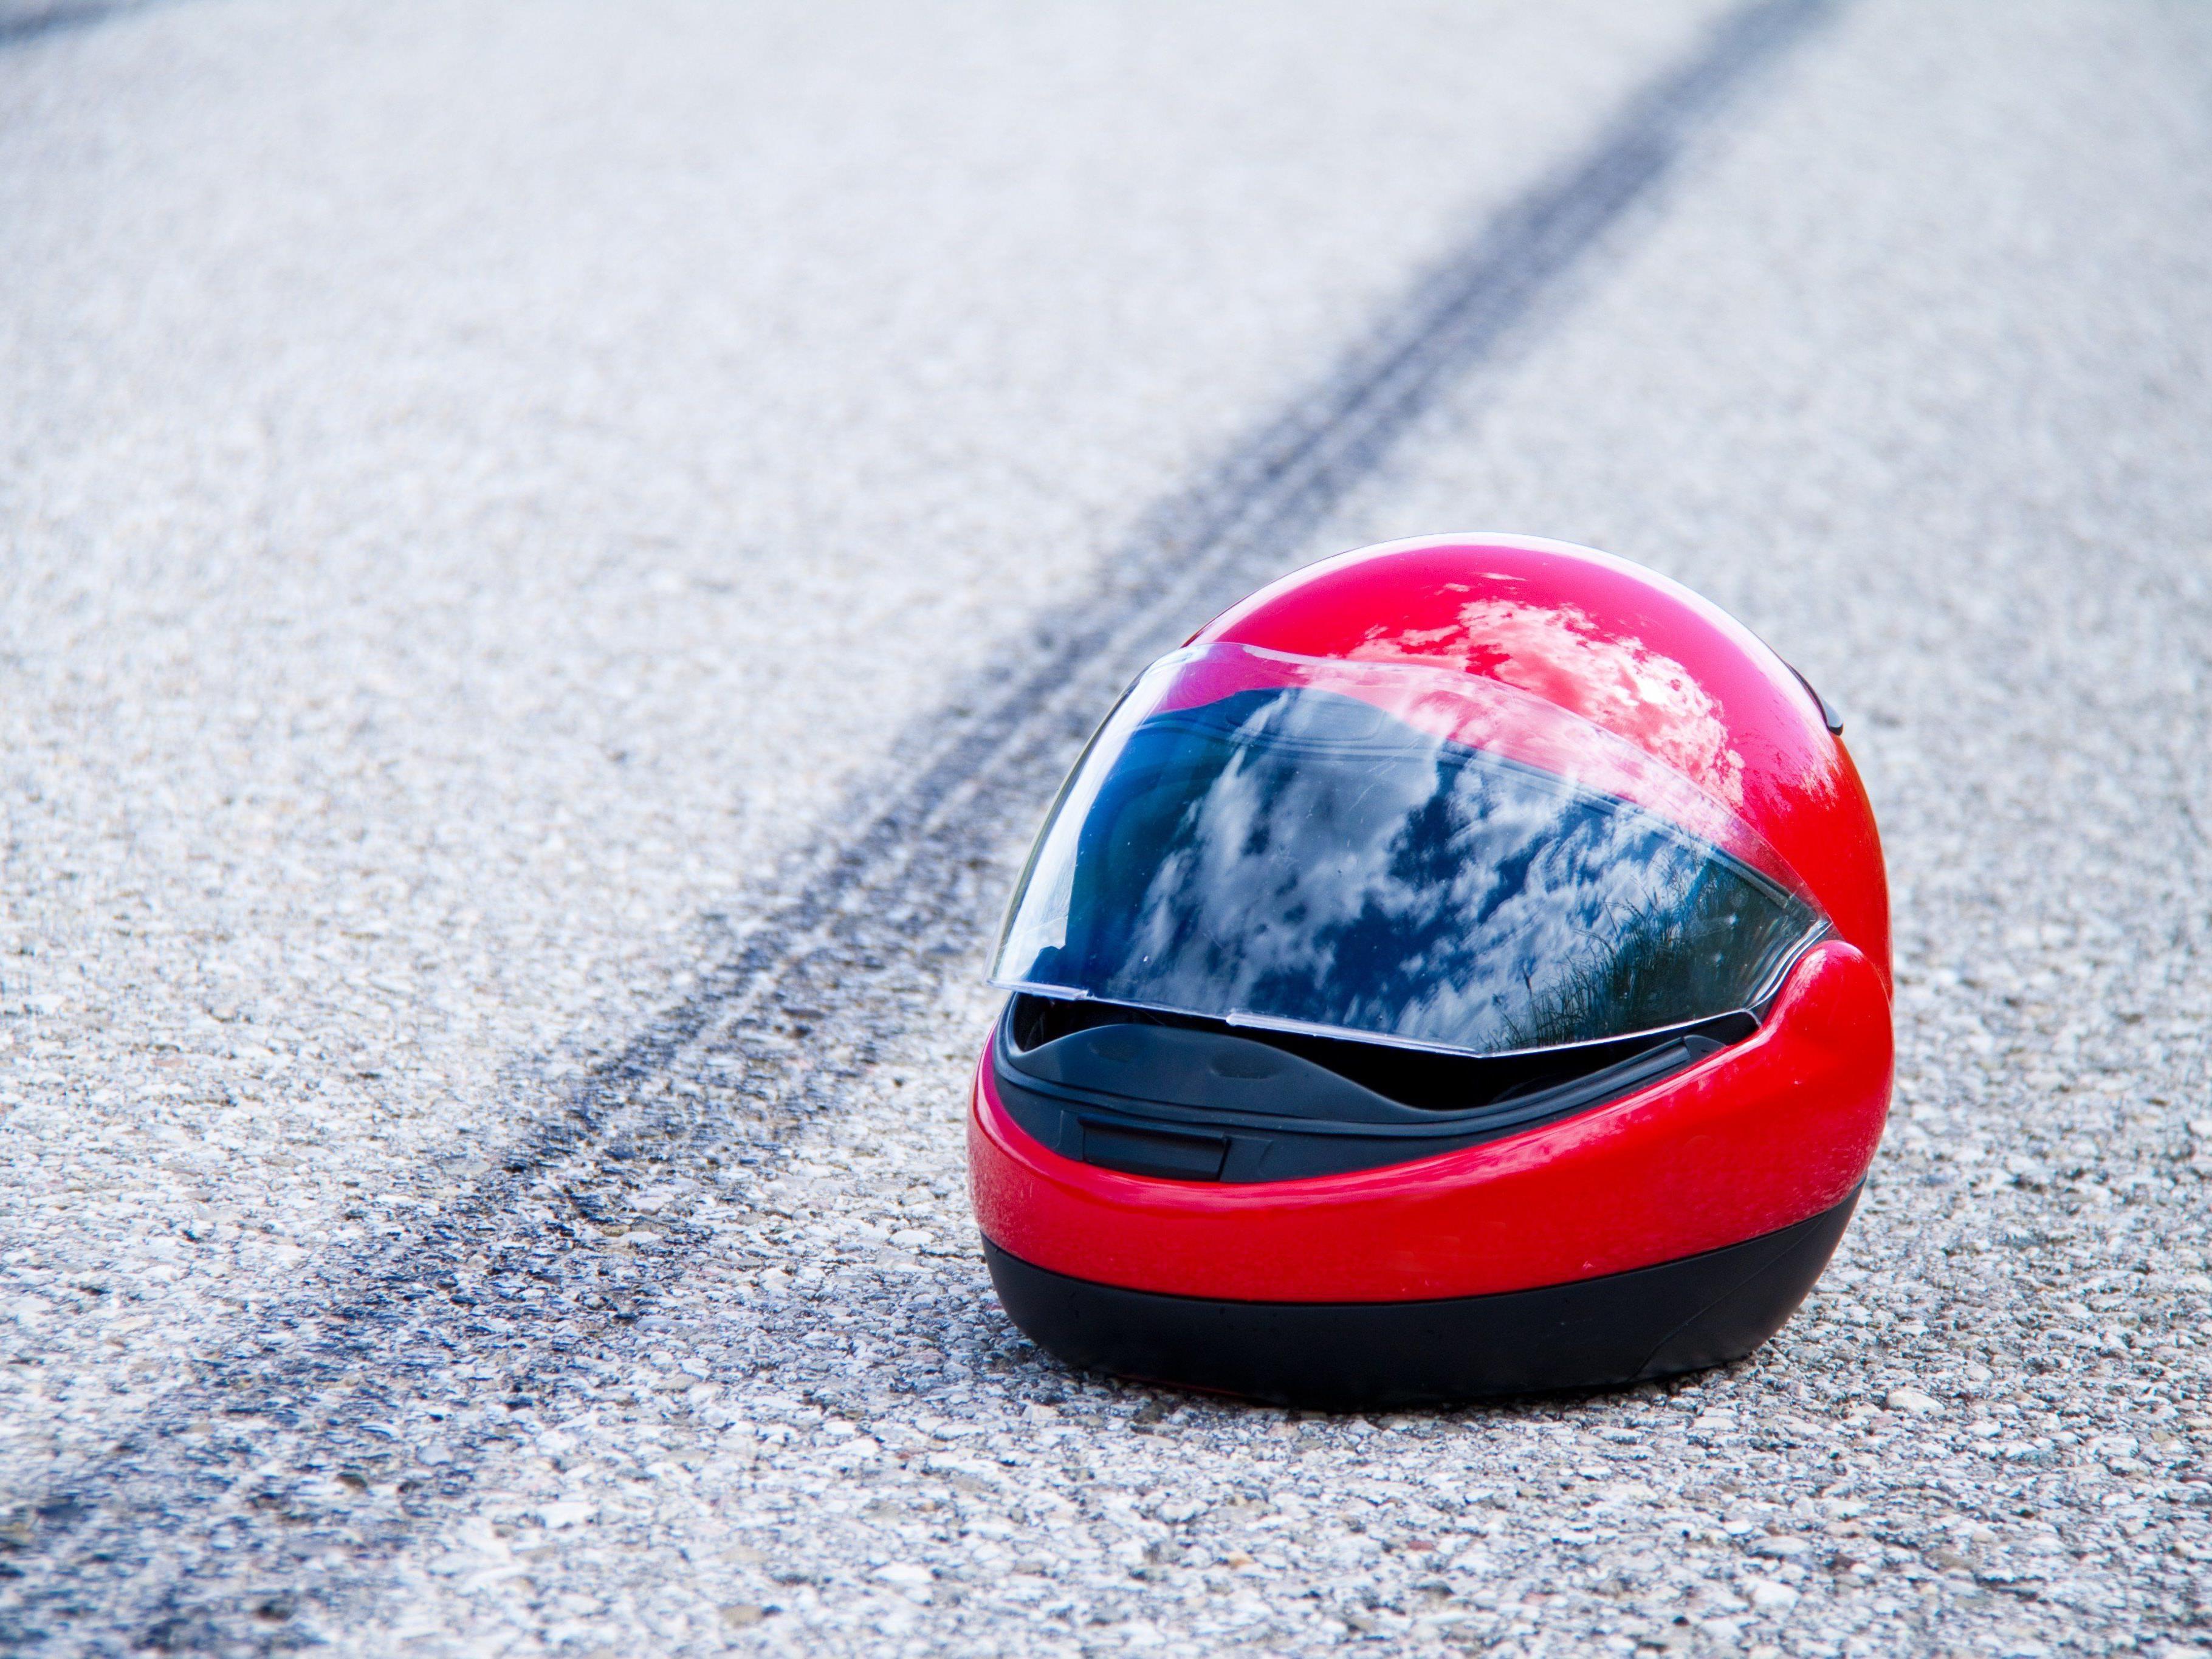 Der Vespafahrer musste mit Verletzungen unbestimmten Grades ins LKH Feldkirch eingeliefert werden.